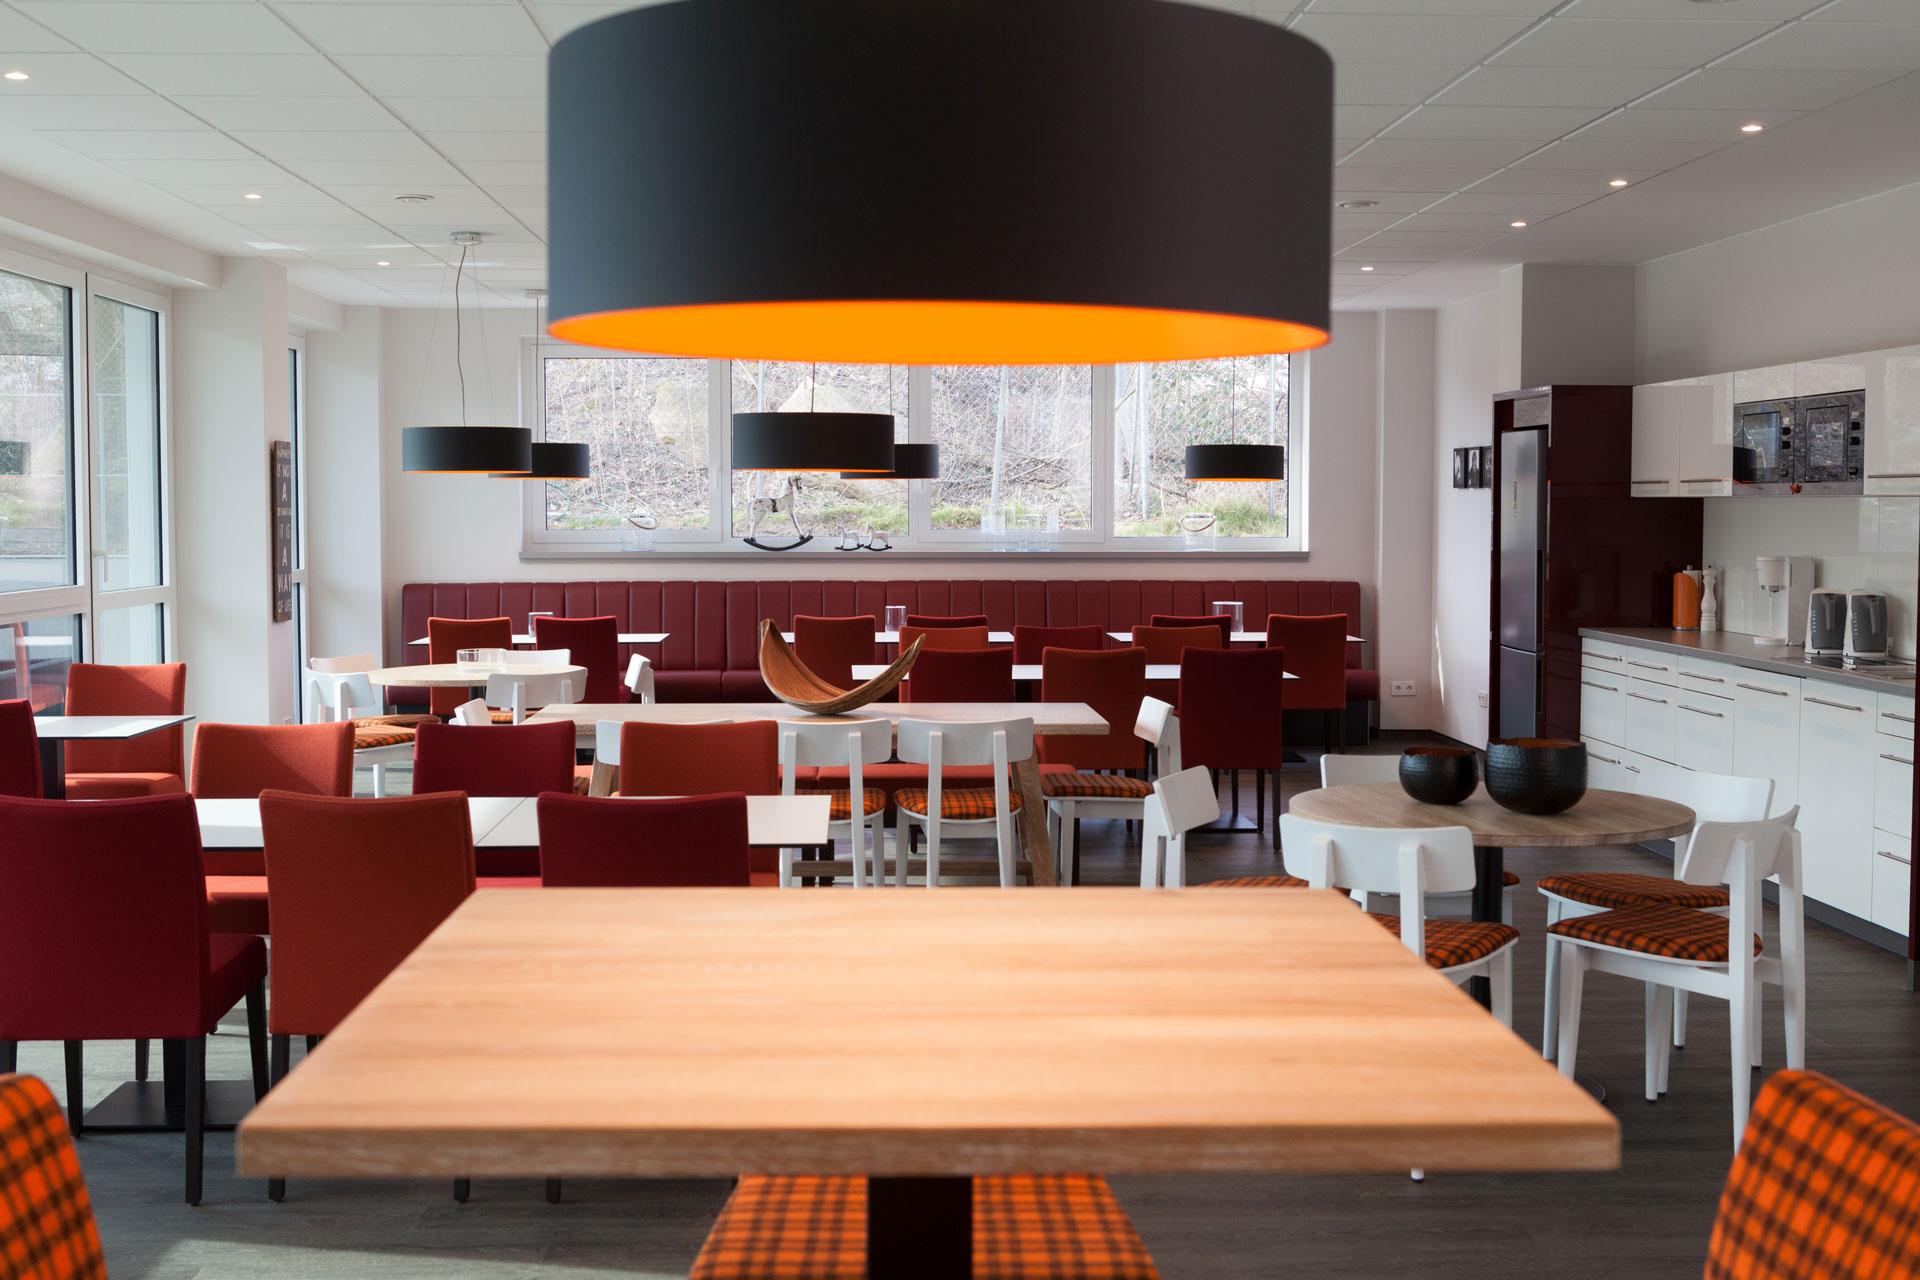 Architekt Bad Salzuflen sollich kantine podufal wiehofsky generalplanung